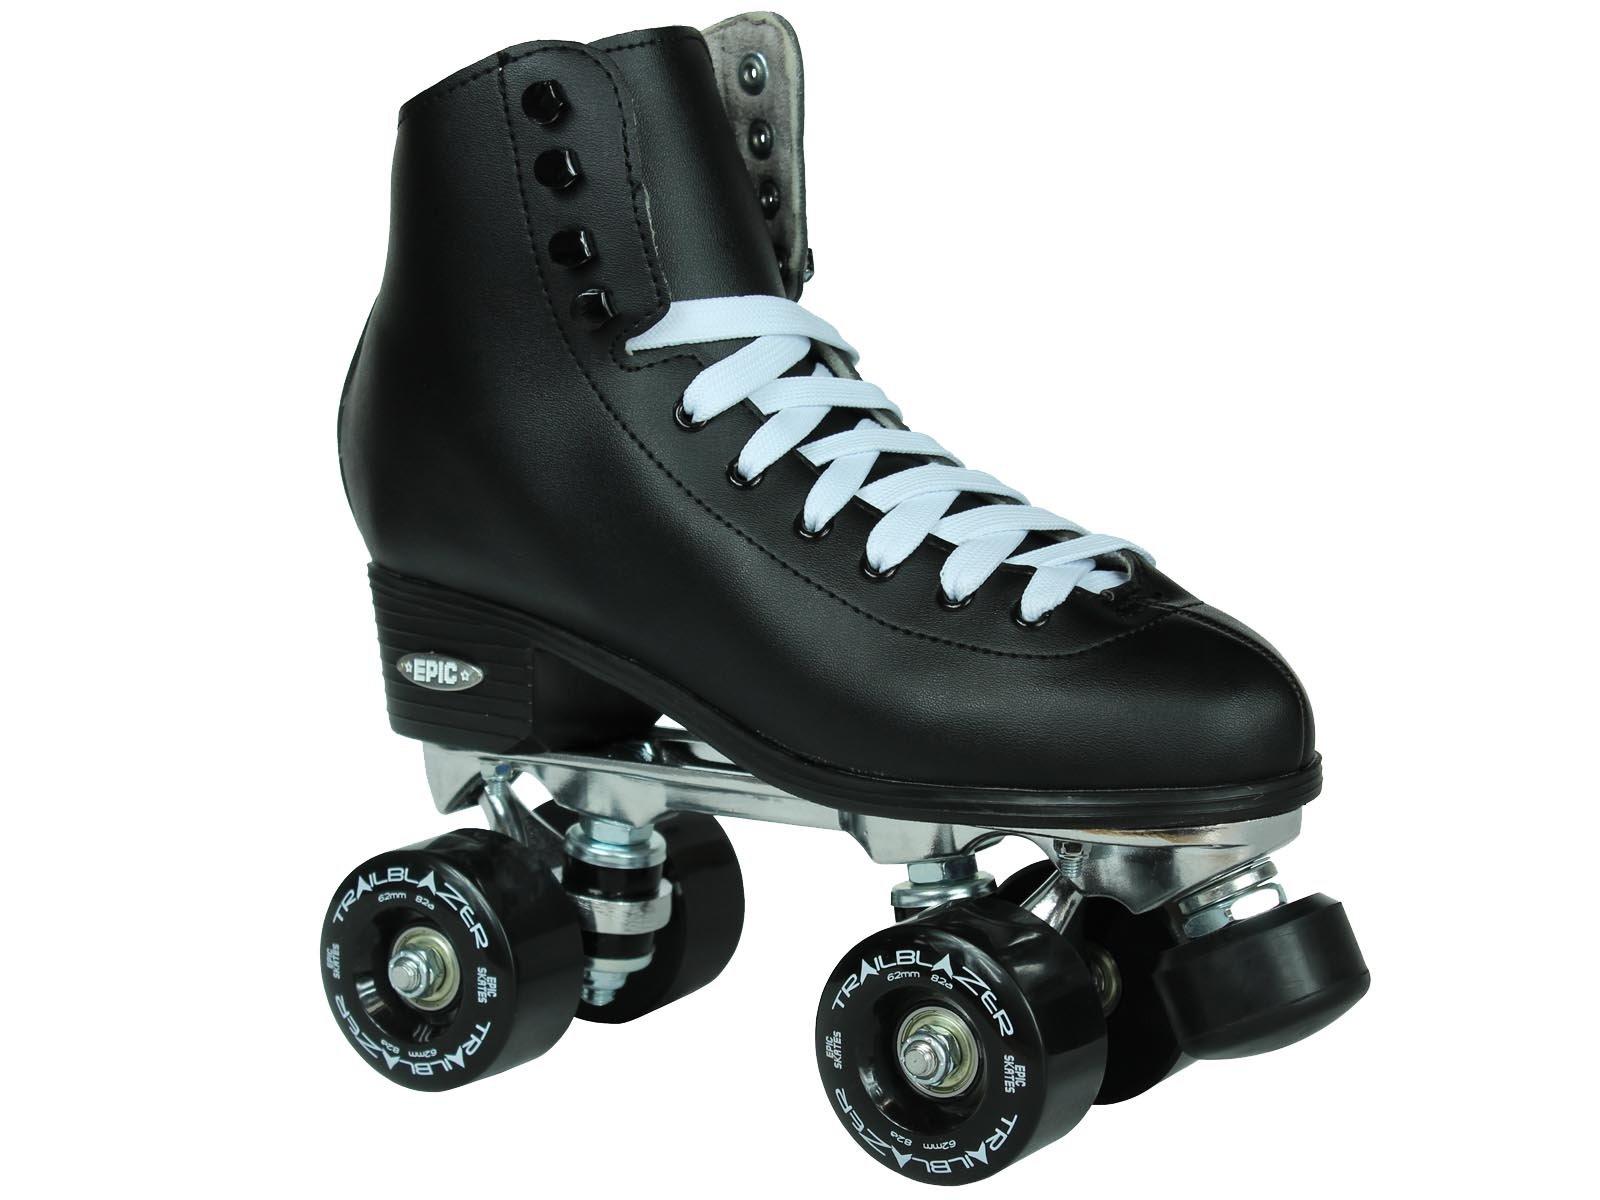 Epic Skates Classic Quad Roller Skates